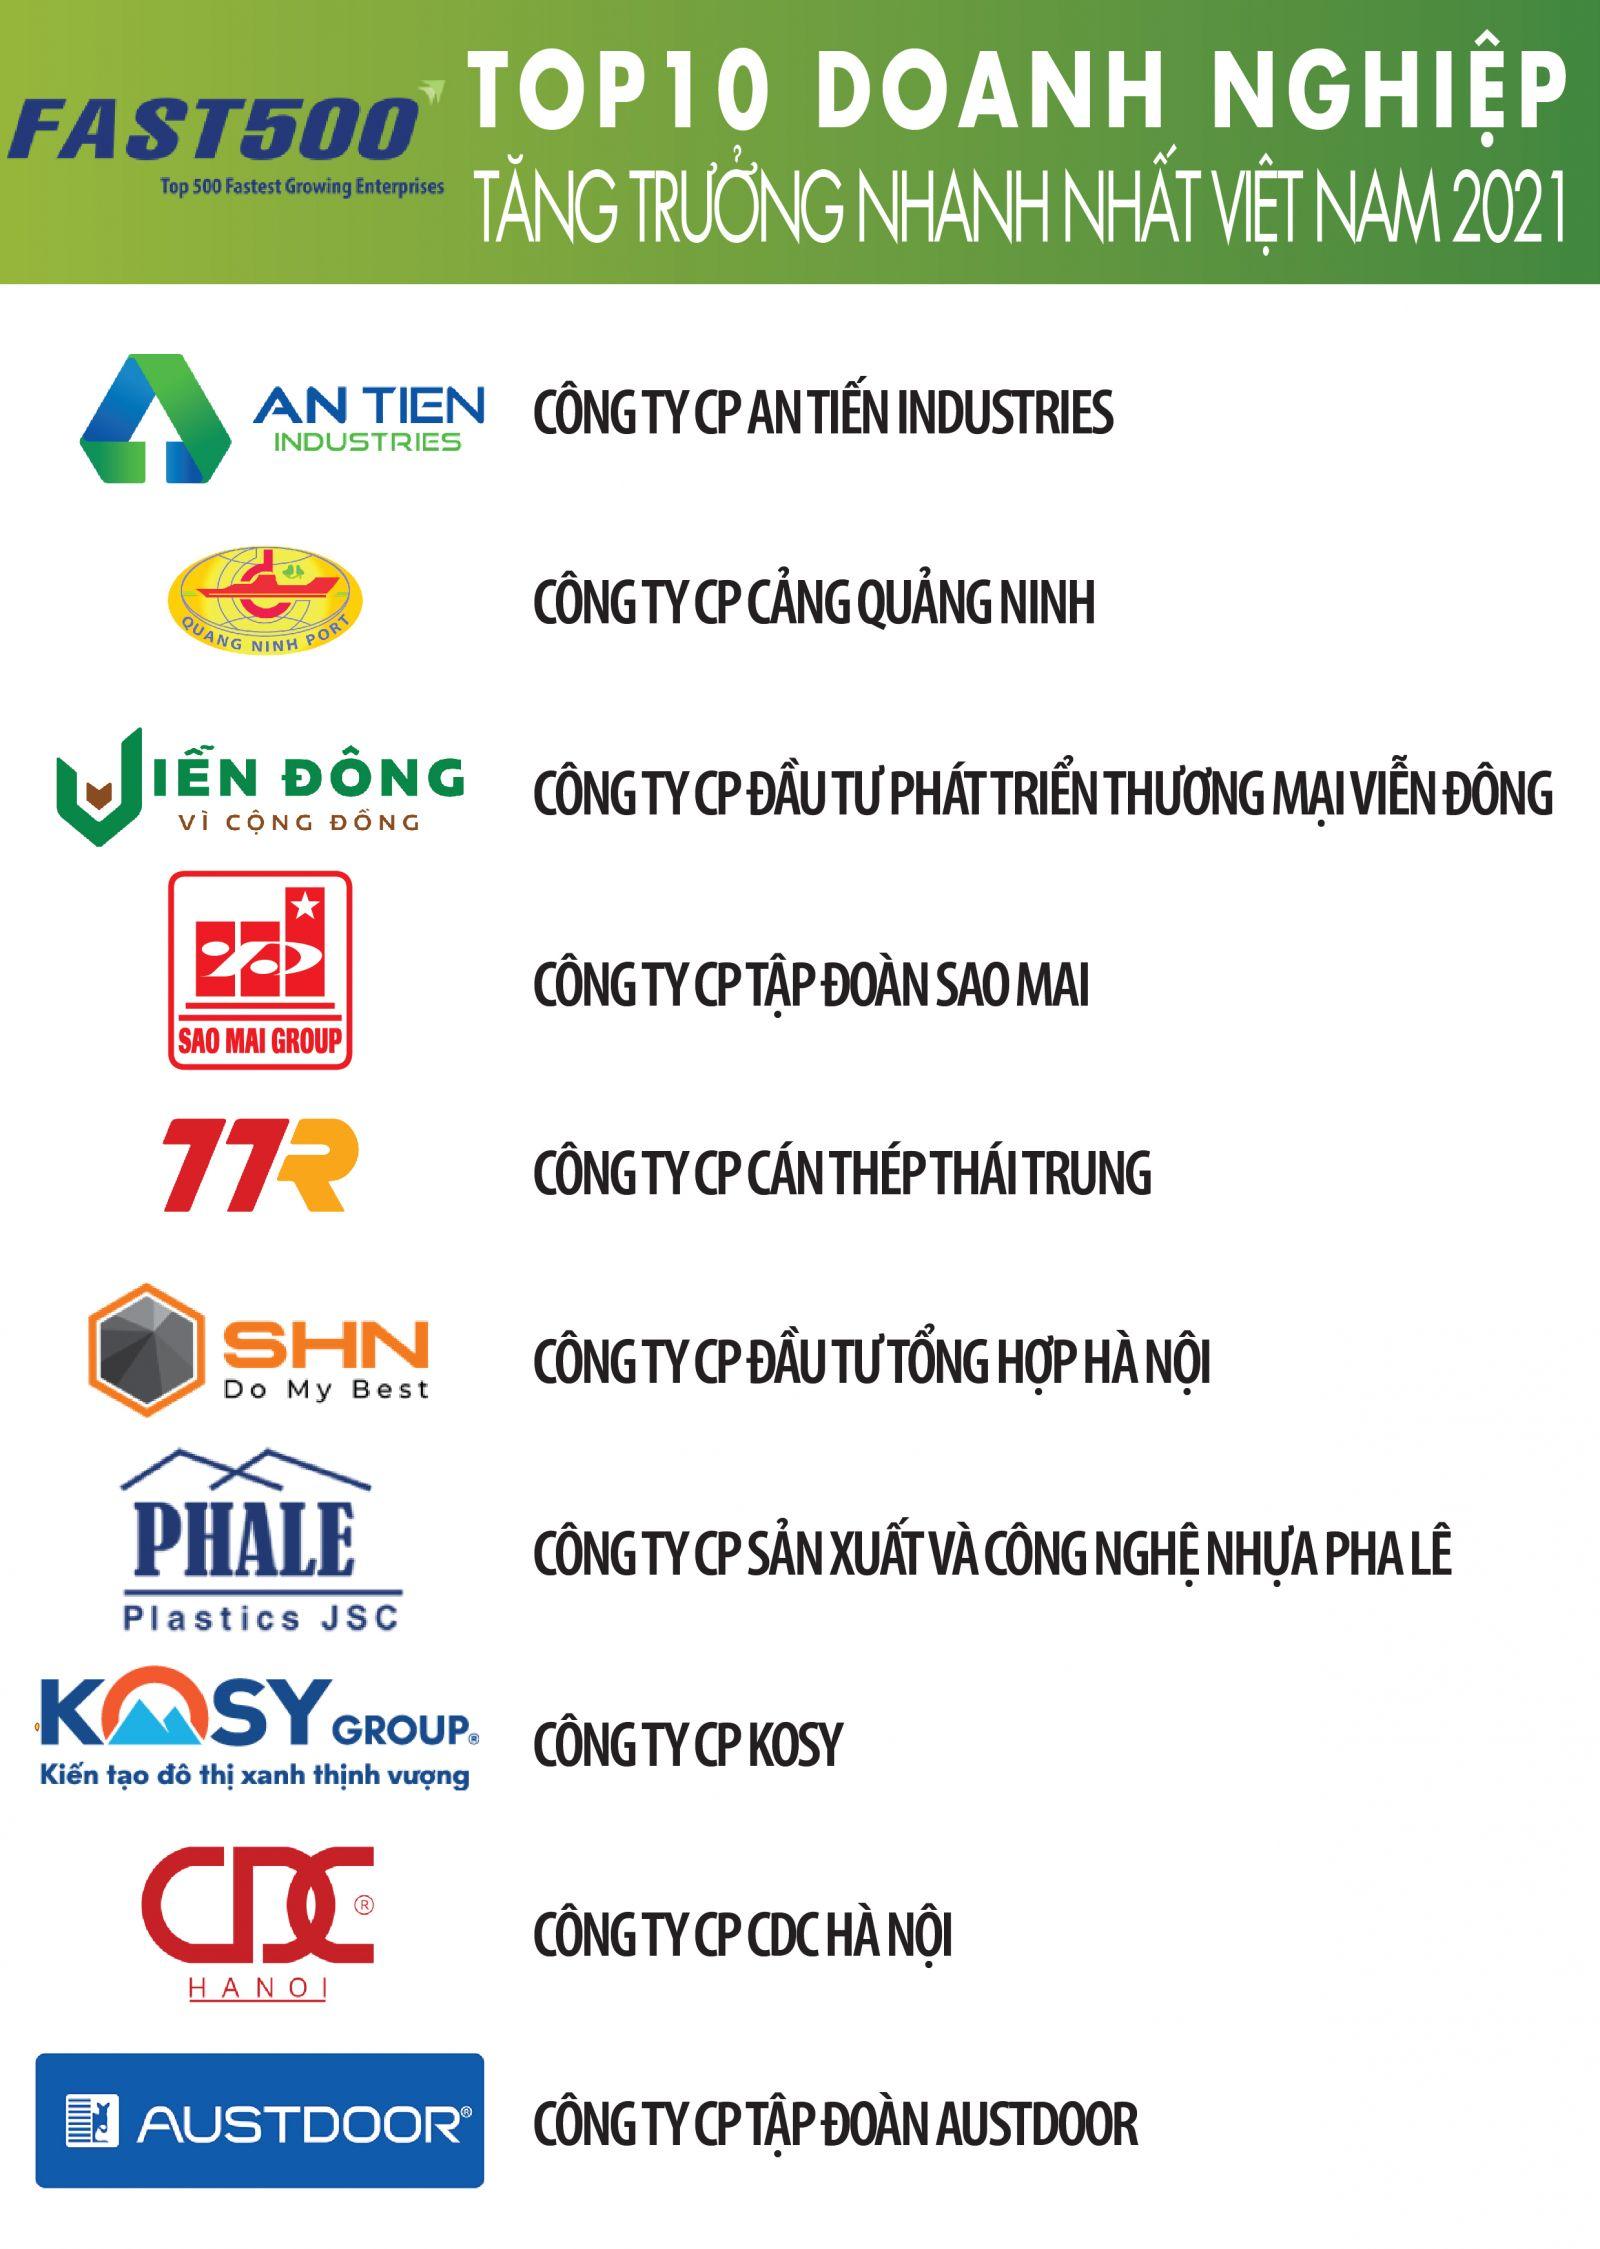 Danh sách Top 10 của Bảng xếp hạng FAST500 năm 2021 (Nguồn: Vietnam Report)